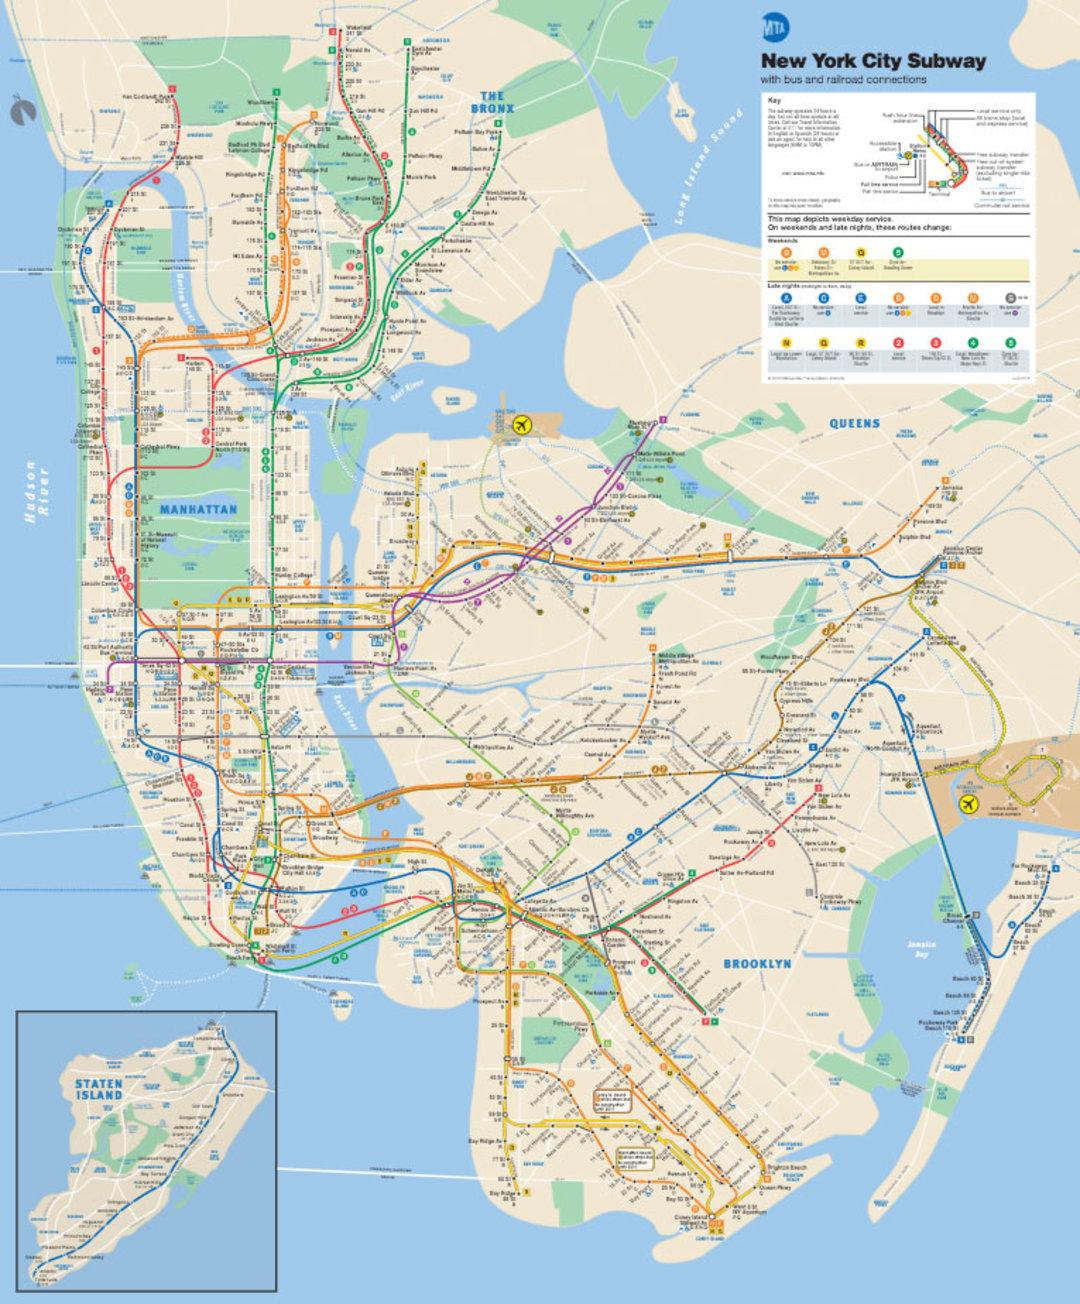 纽约地铁图不像其他城市独立存在,而是覆盖在城市地图上面,加大了 图片